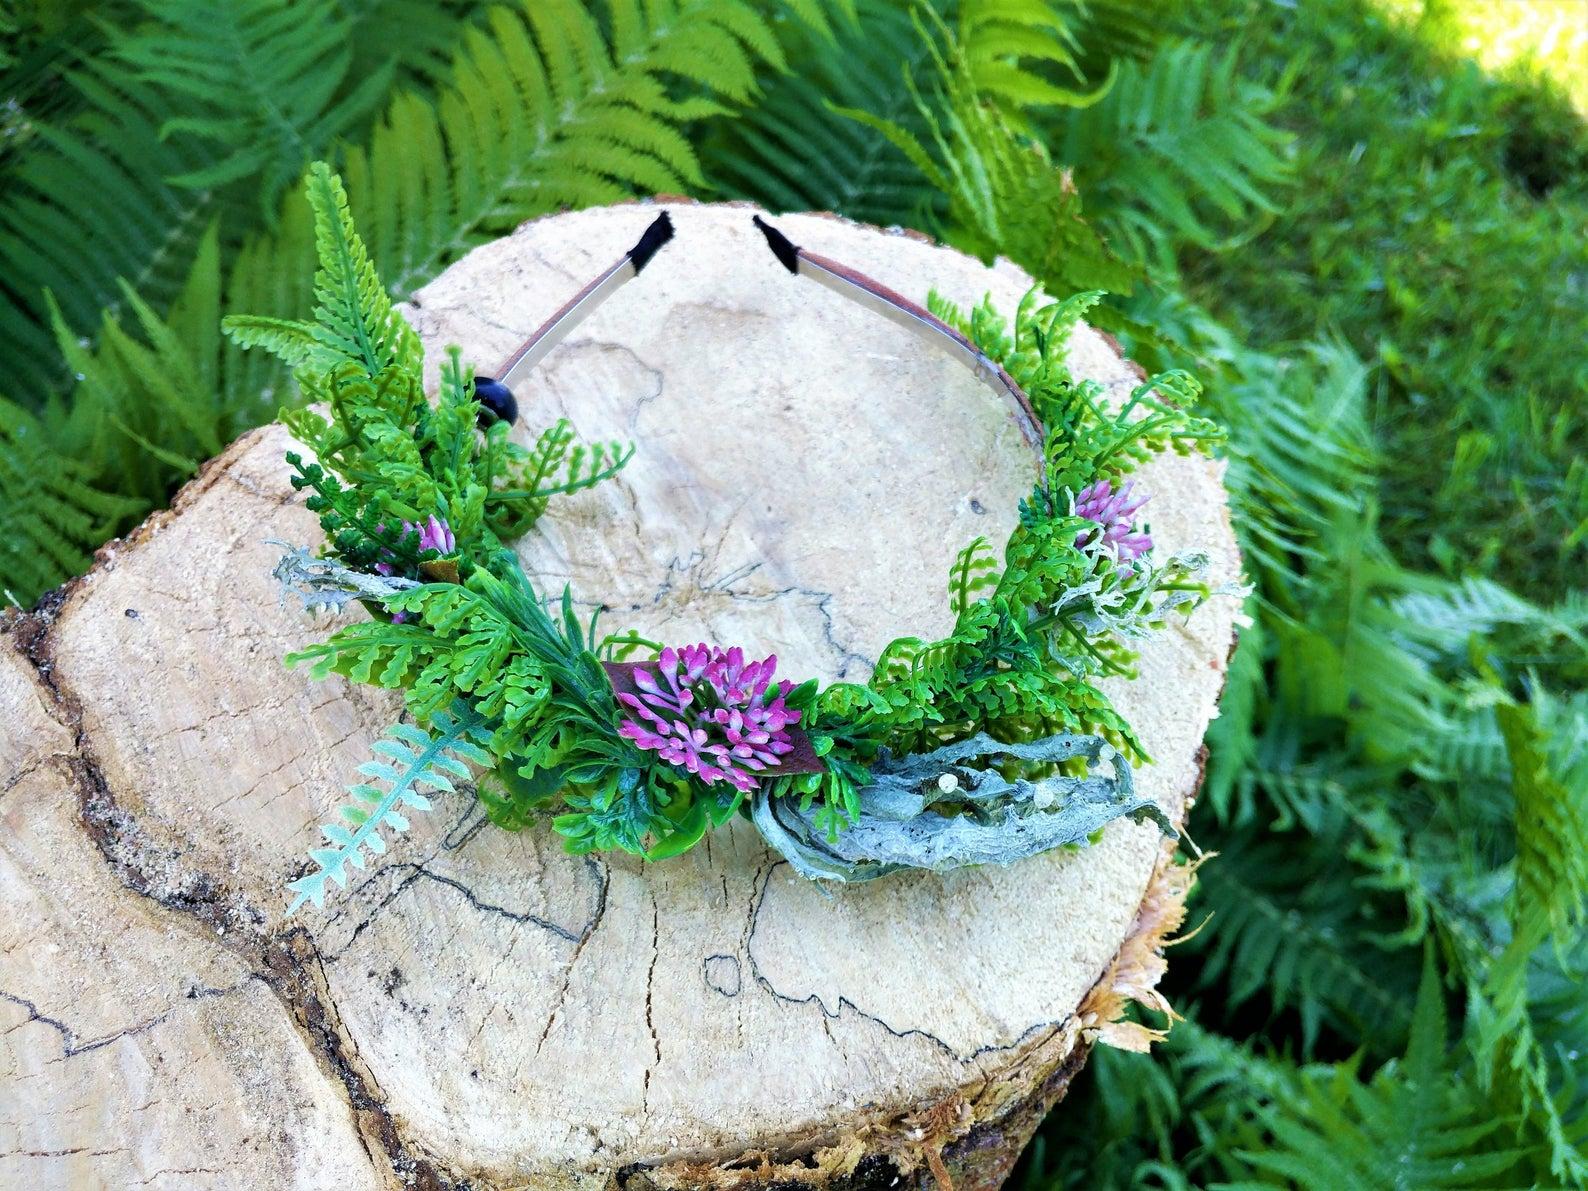 Lichen, Fern, and Clover Combination Headpiece